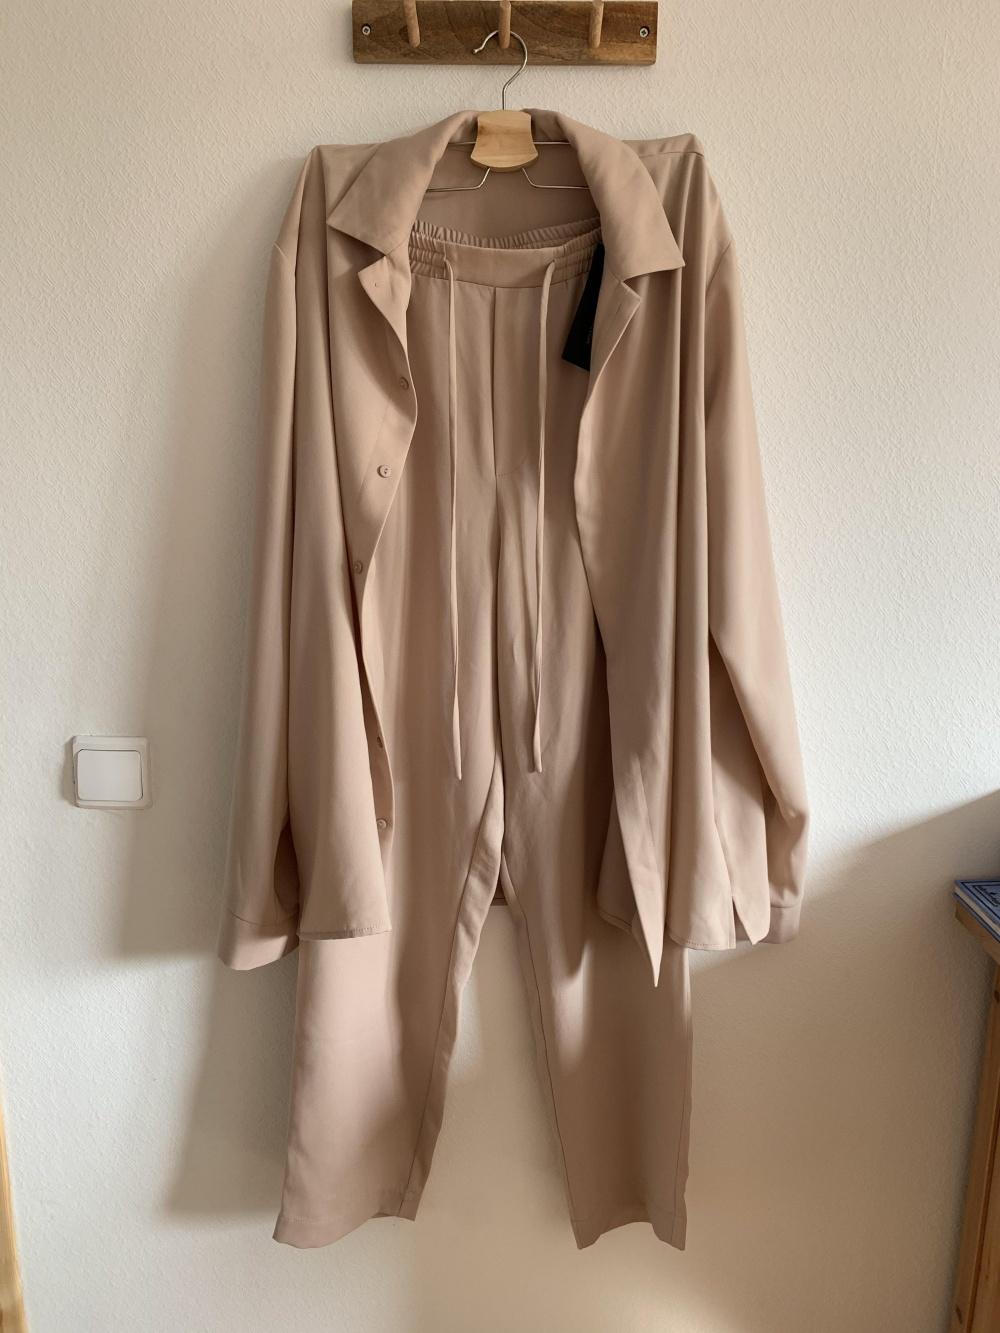 Брючный костюм Ushatava, unisex, one size